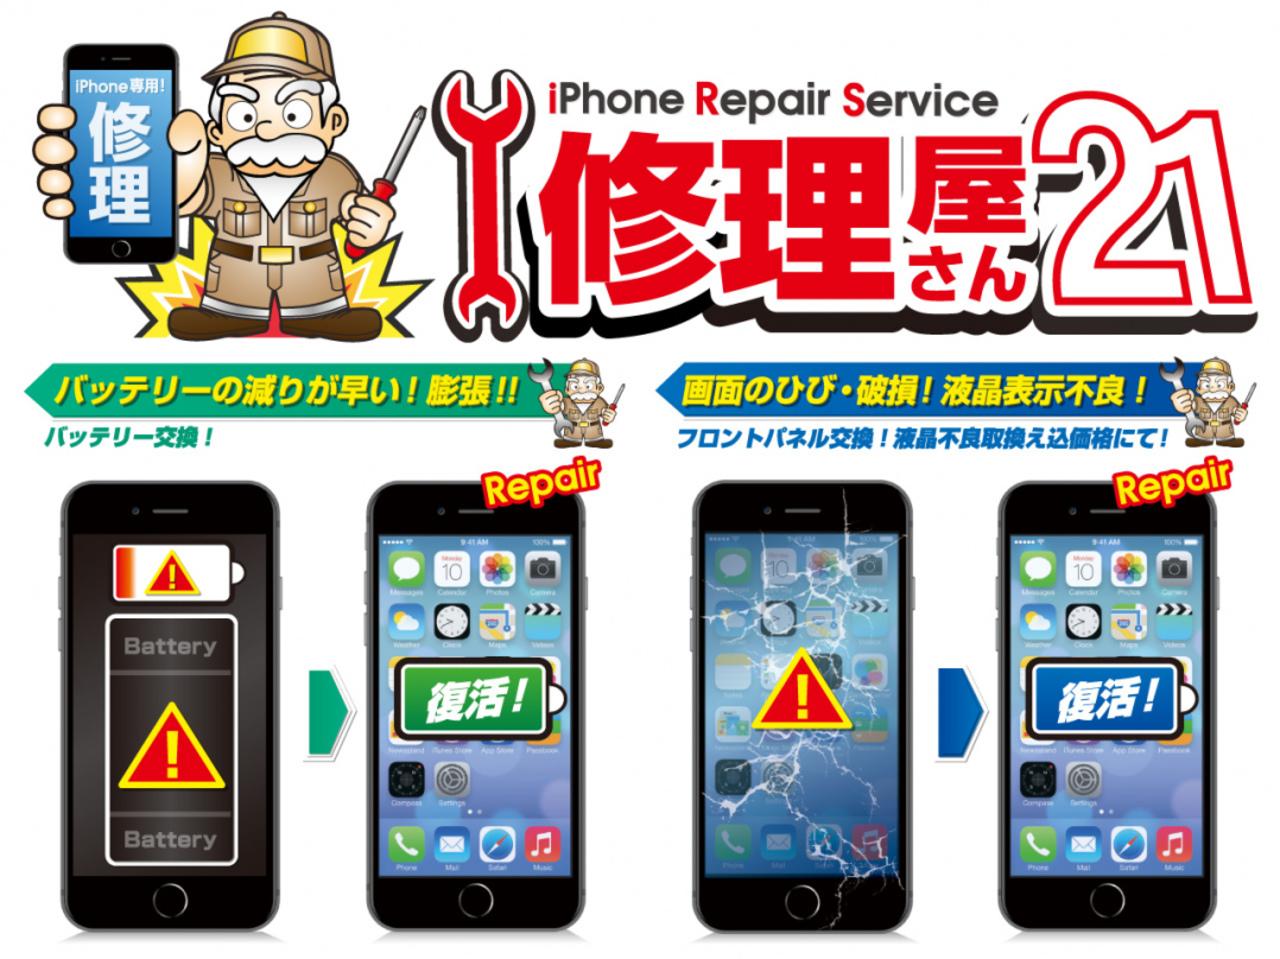 【はんこ屋さん21牛久店】iPhone修理サービスの受付スタートしました